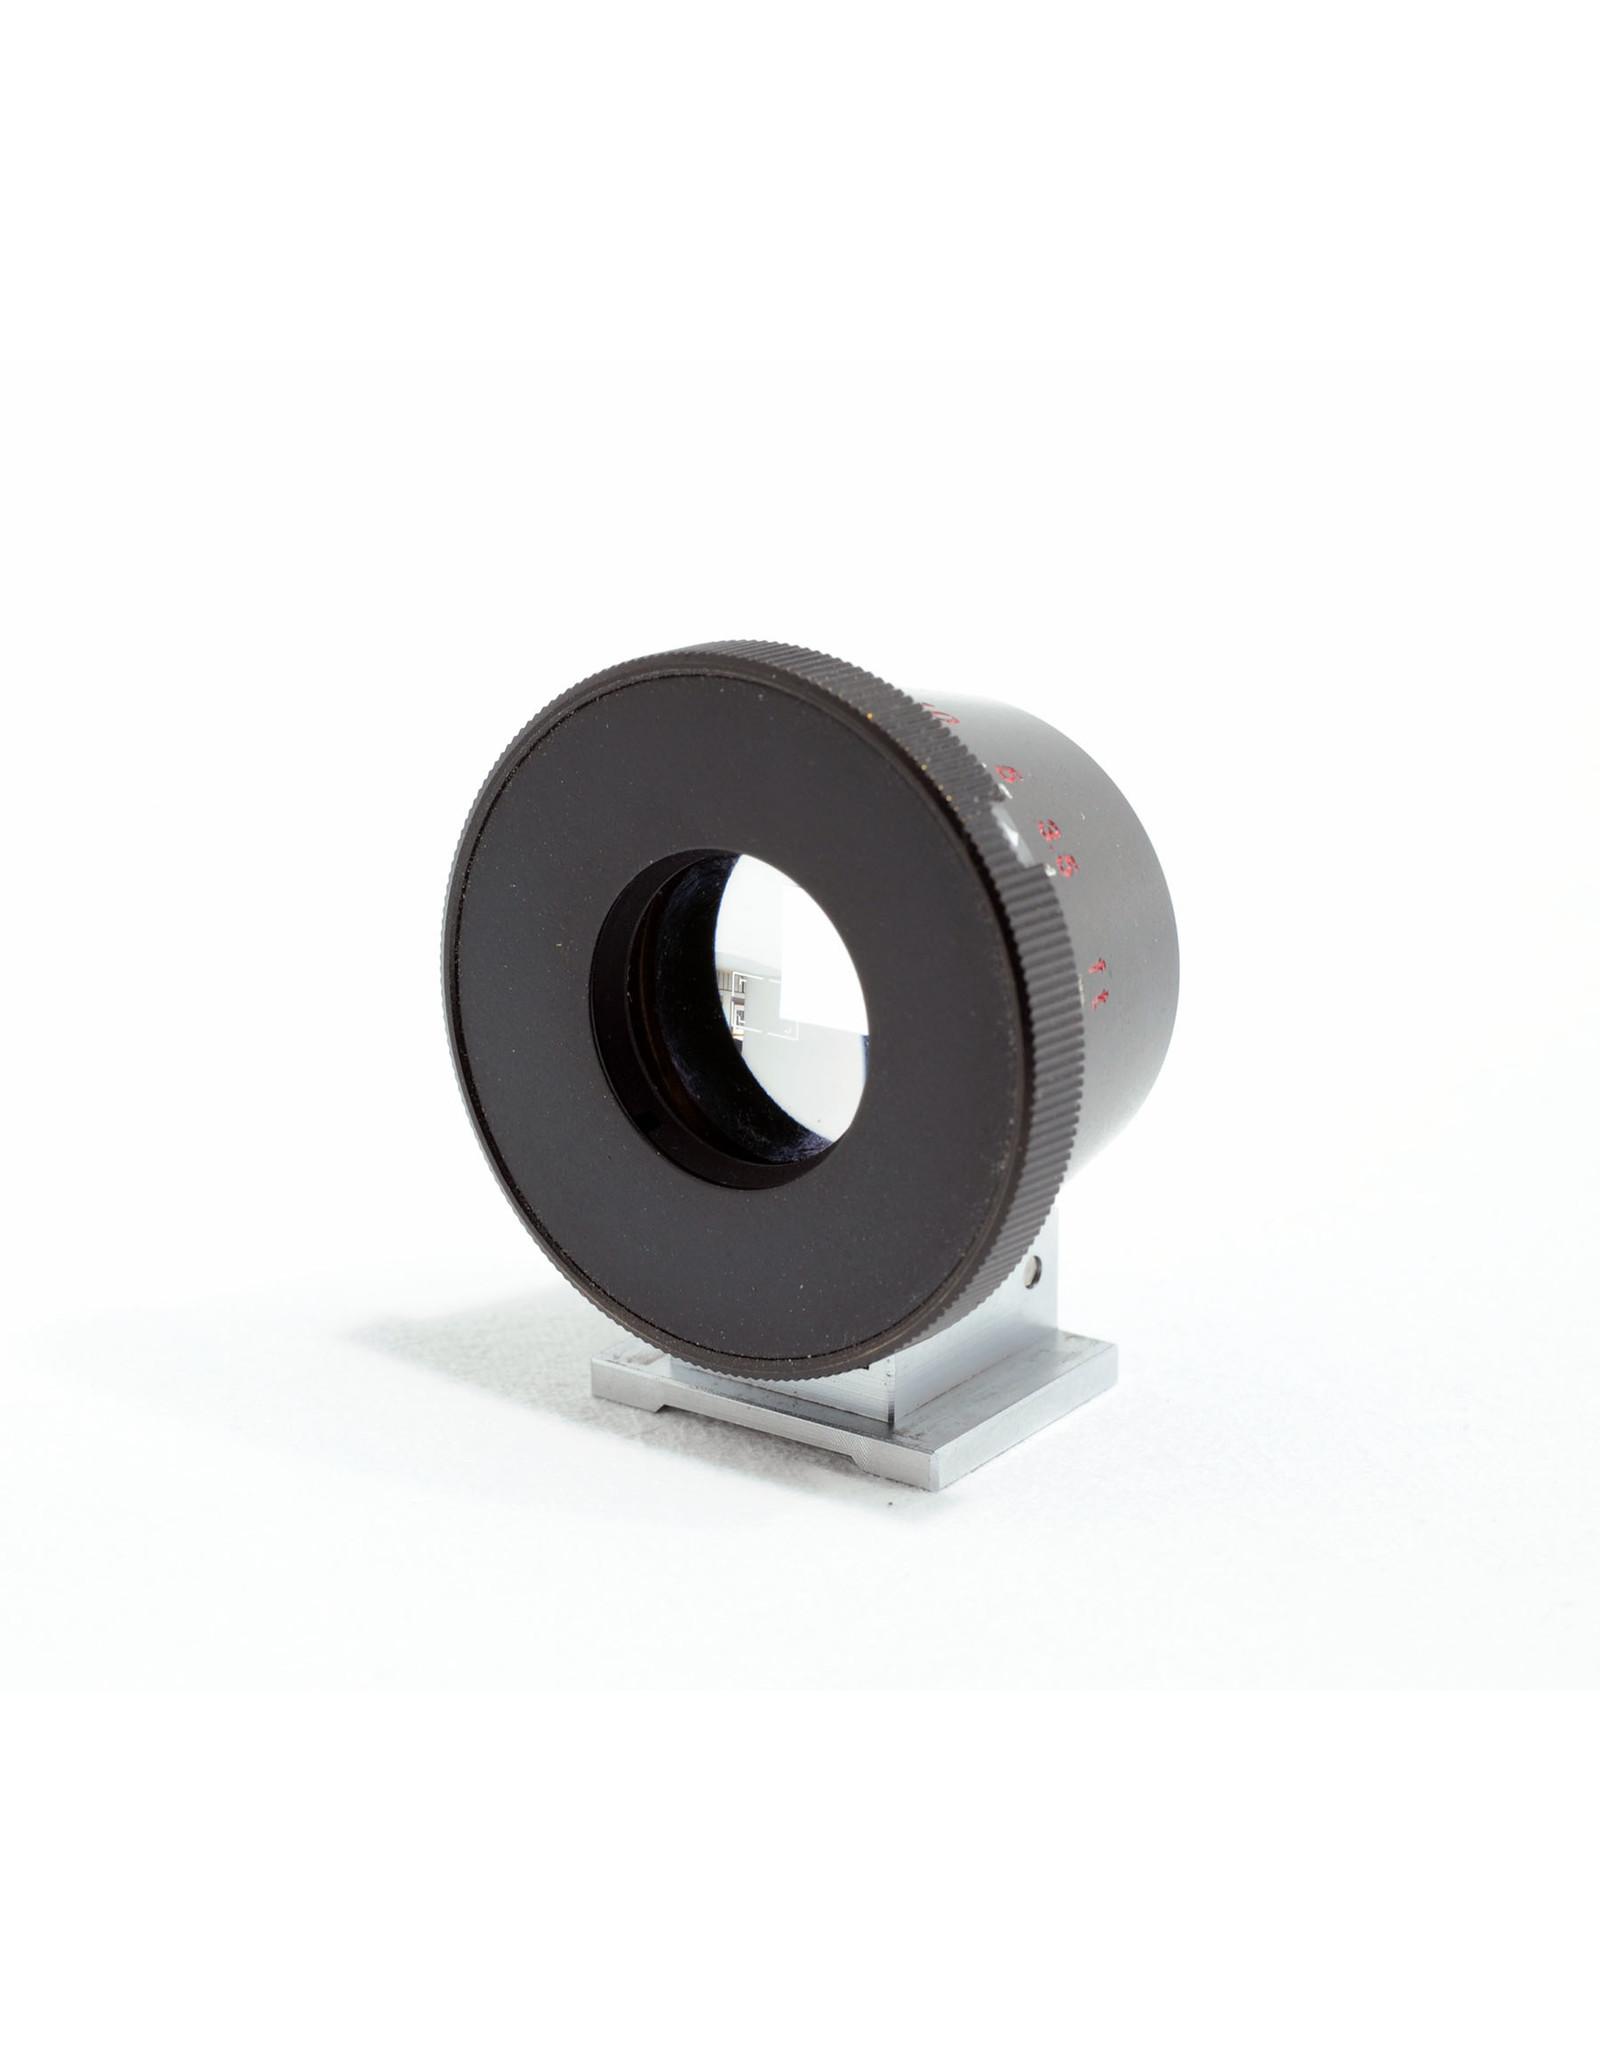 Voigtlander Voigtlander 90mm Metal V/finder